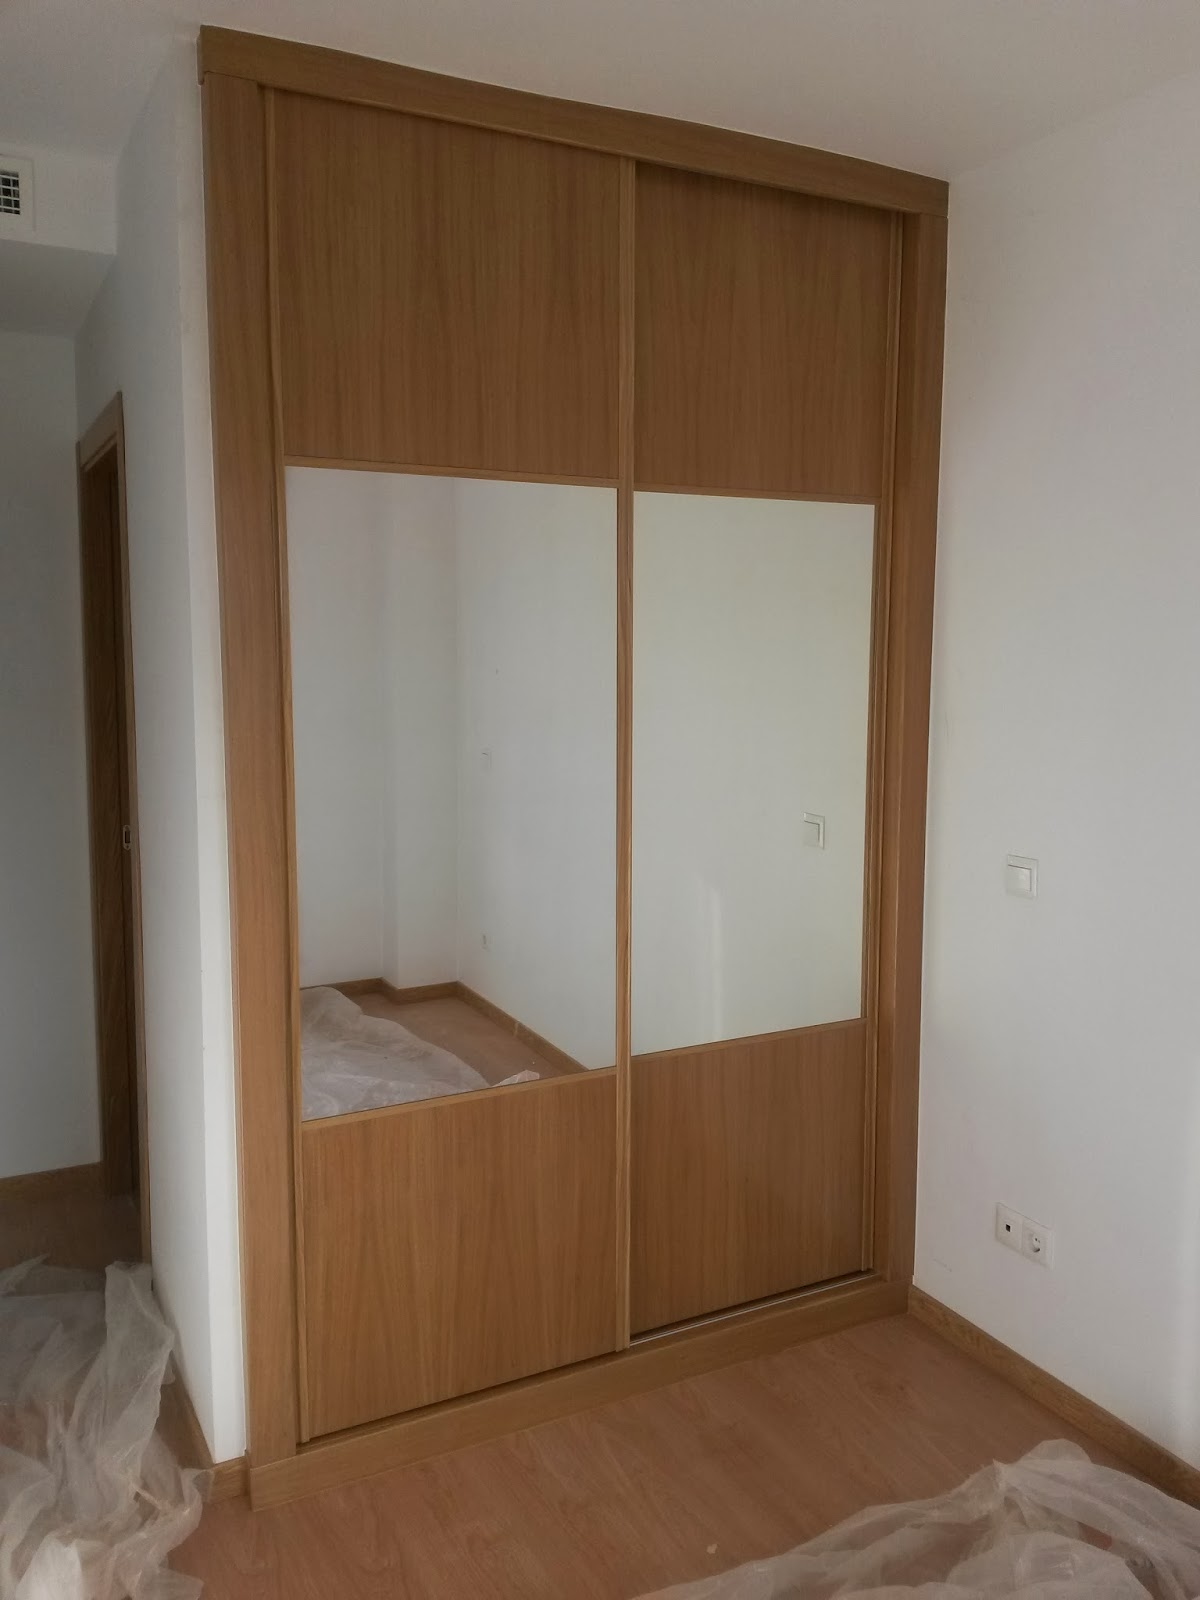 Muebles a medida forrado interior de armario con puertas - Armarios empotrados con puertas correderas ...